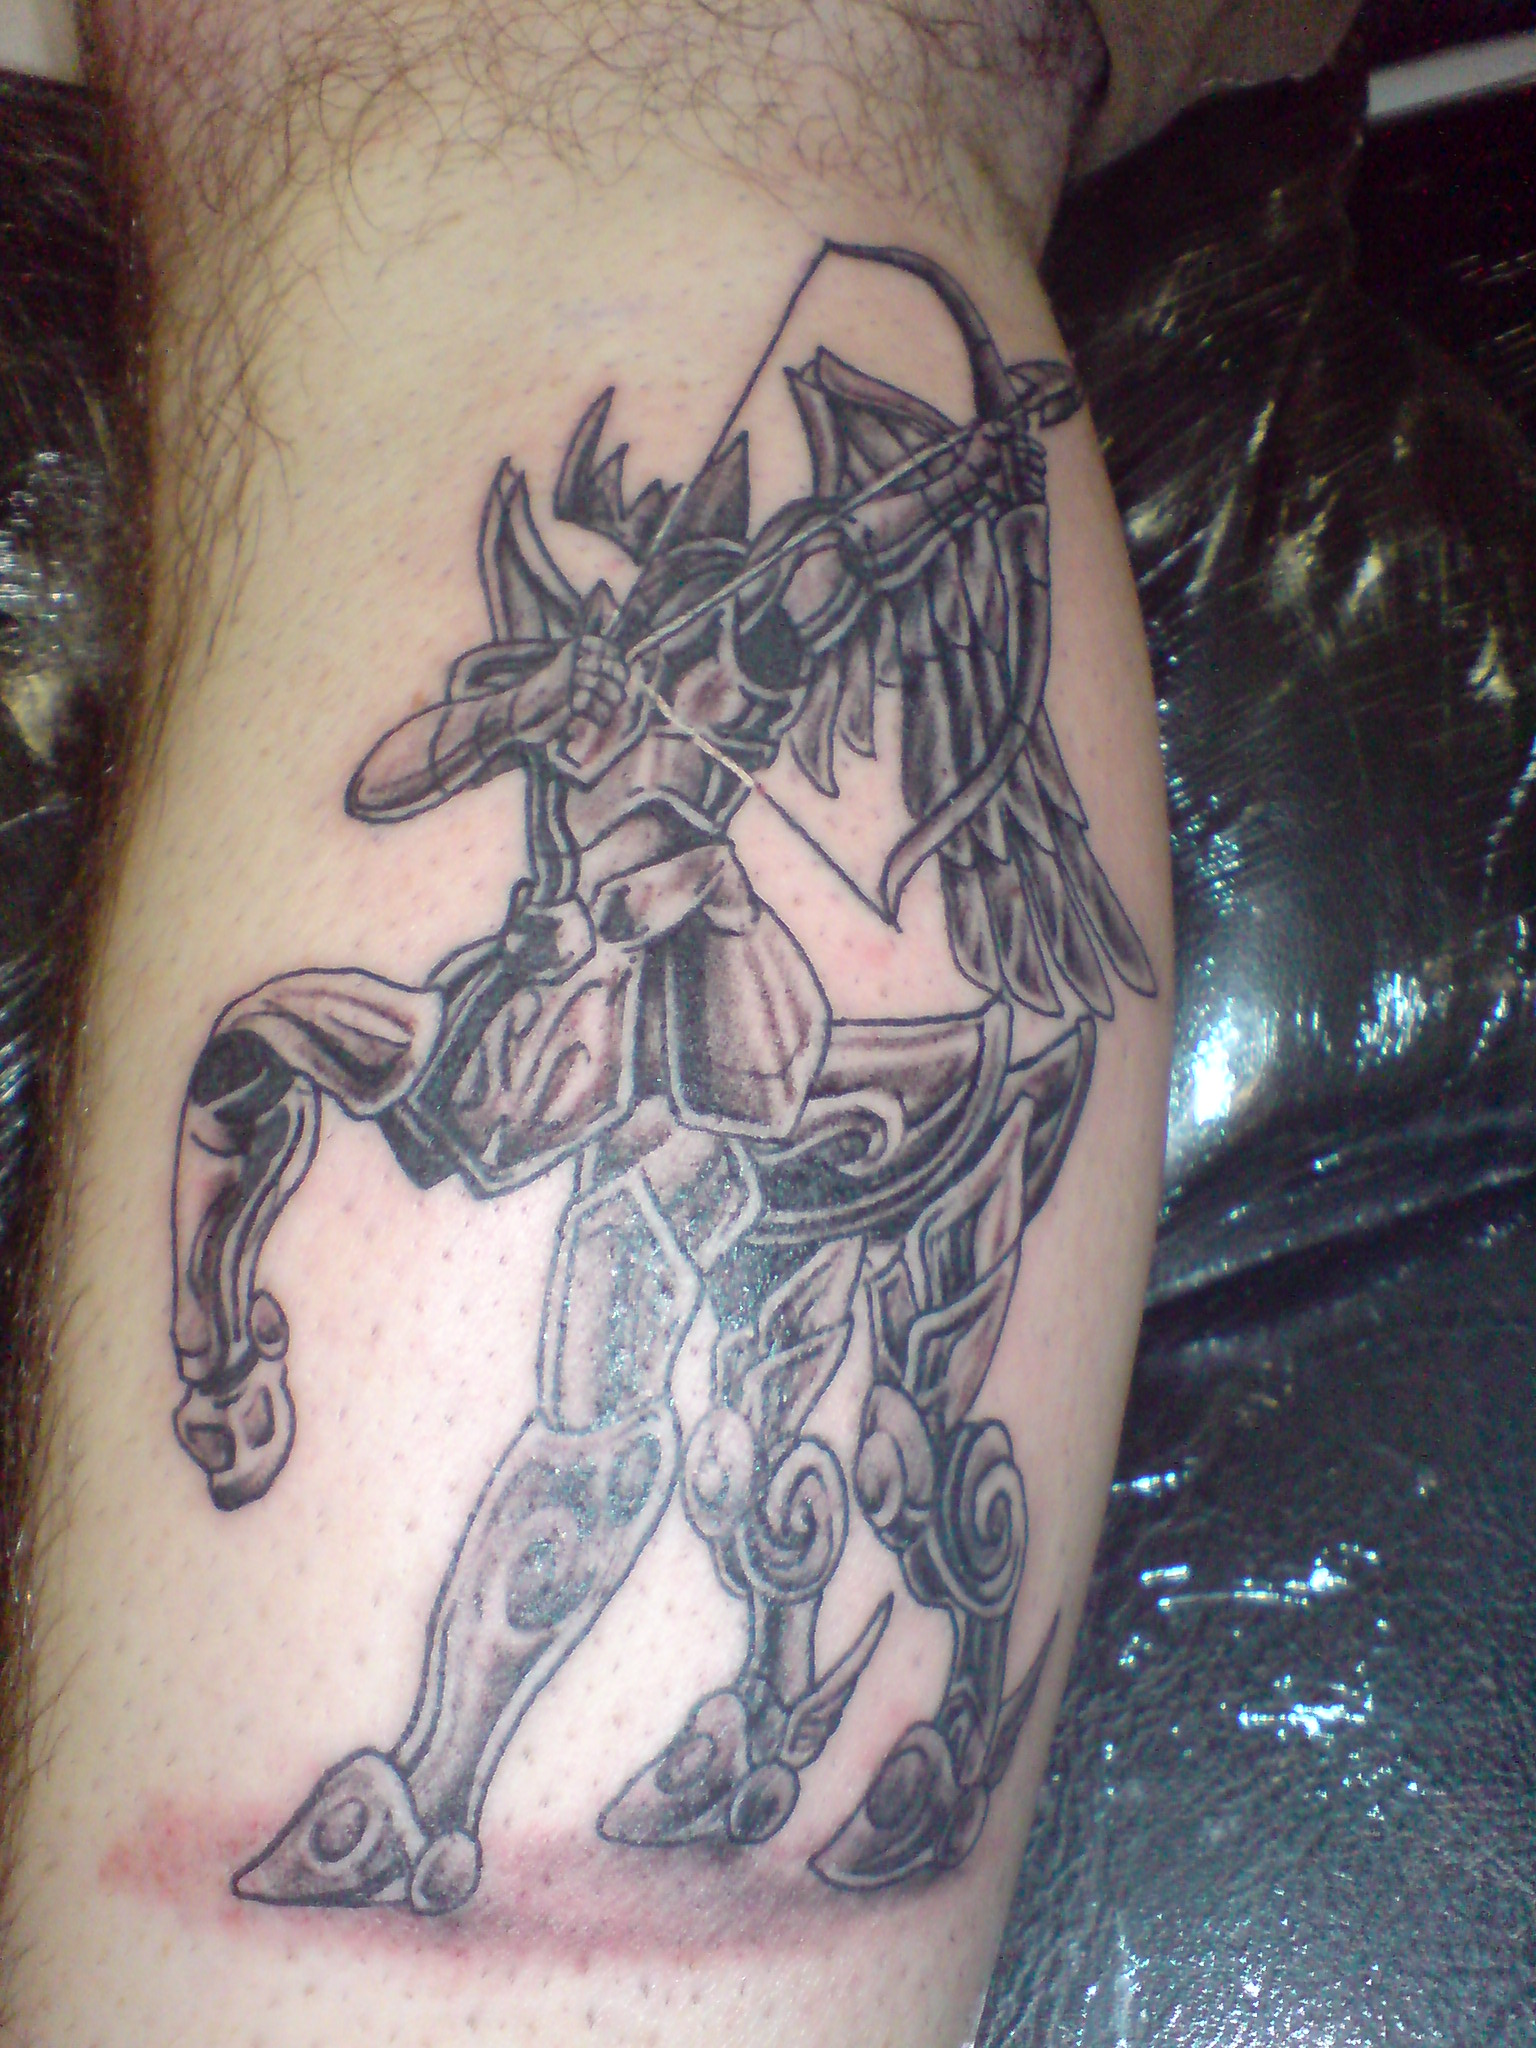 Tatuagens Mais F&227s Fazem Homenagens Aos Cavaleiros Do Zod&237aco  Os